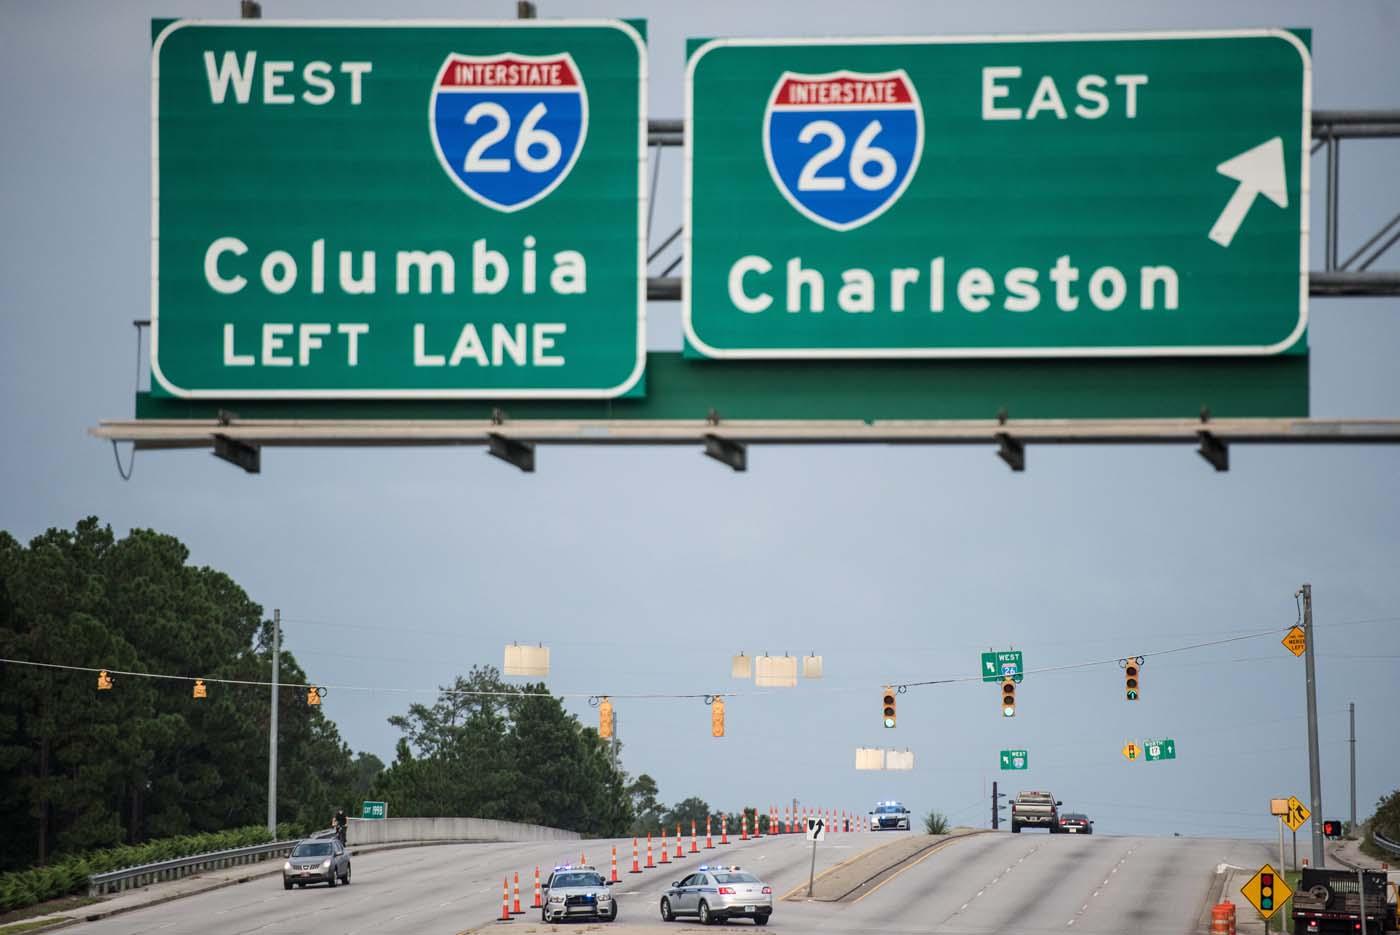 SRX02 - CHARLESTON (EE.UU.), 6/10/2016- Autoridades bloquean un giro en un carril de la I-26 durante una evacuación ordenada por la llegada del huracán Matthew en Charleston, Carolina del Sur (EE.UU.). Matthew pasó por parte de Haití y Cuba, y se espera que se desplace por la costa este de los Estados Unidos. EFE / SEAN RAYFORD